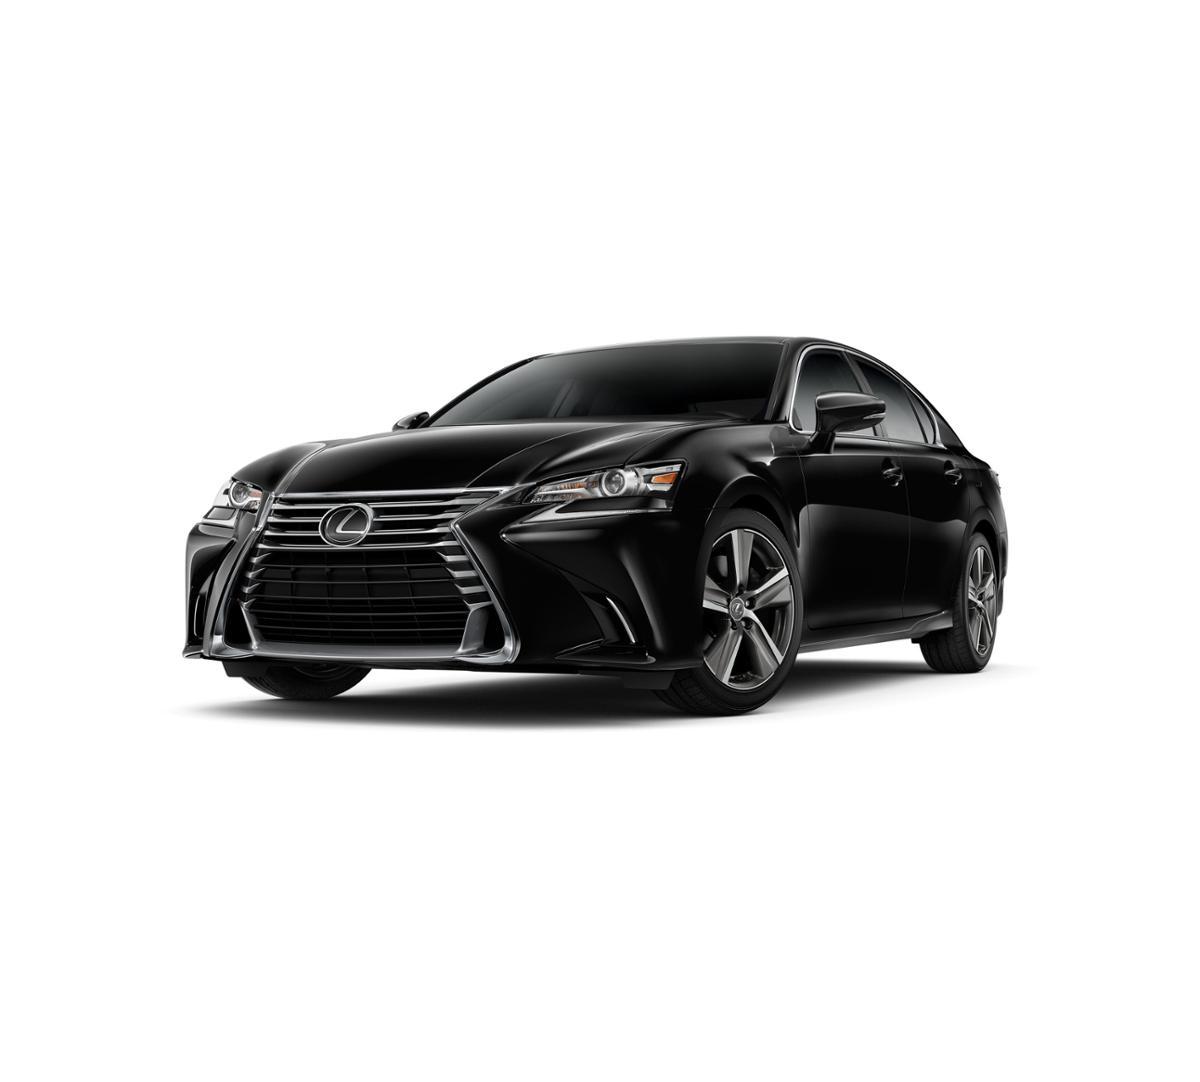 Lexus Gs Lease Deals: Browse New Lexus Inventory